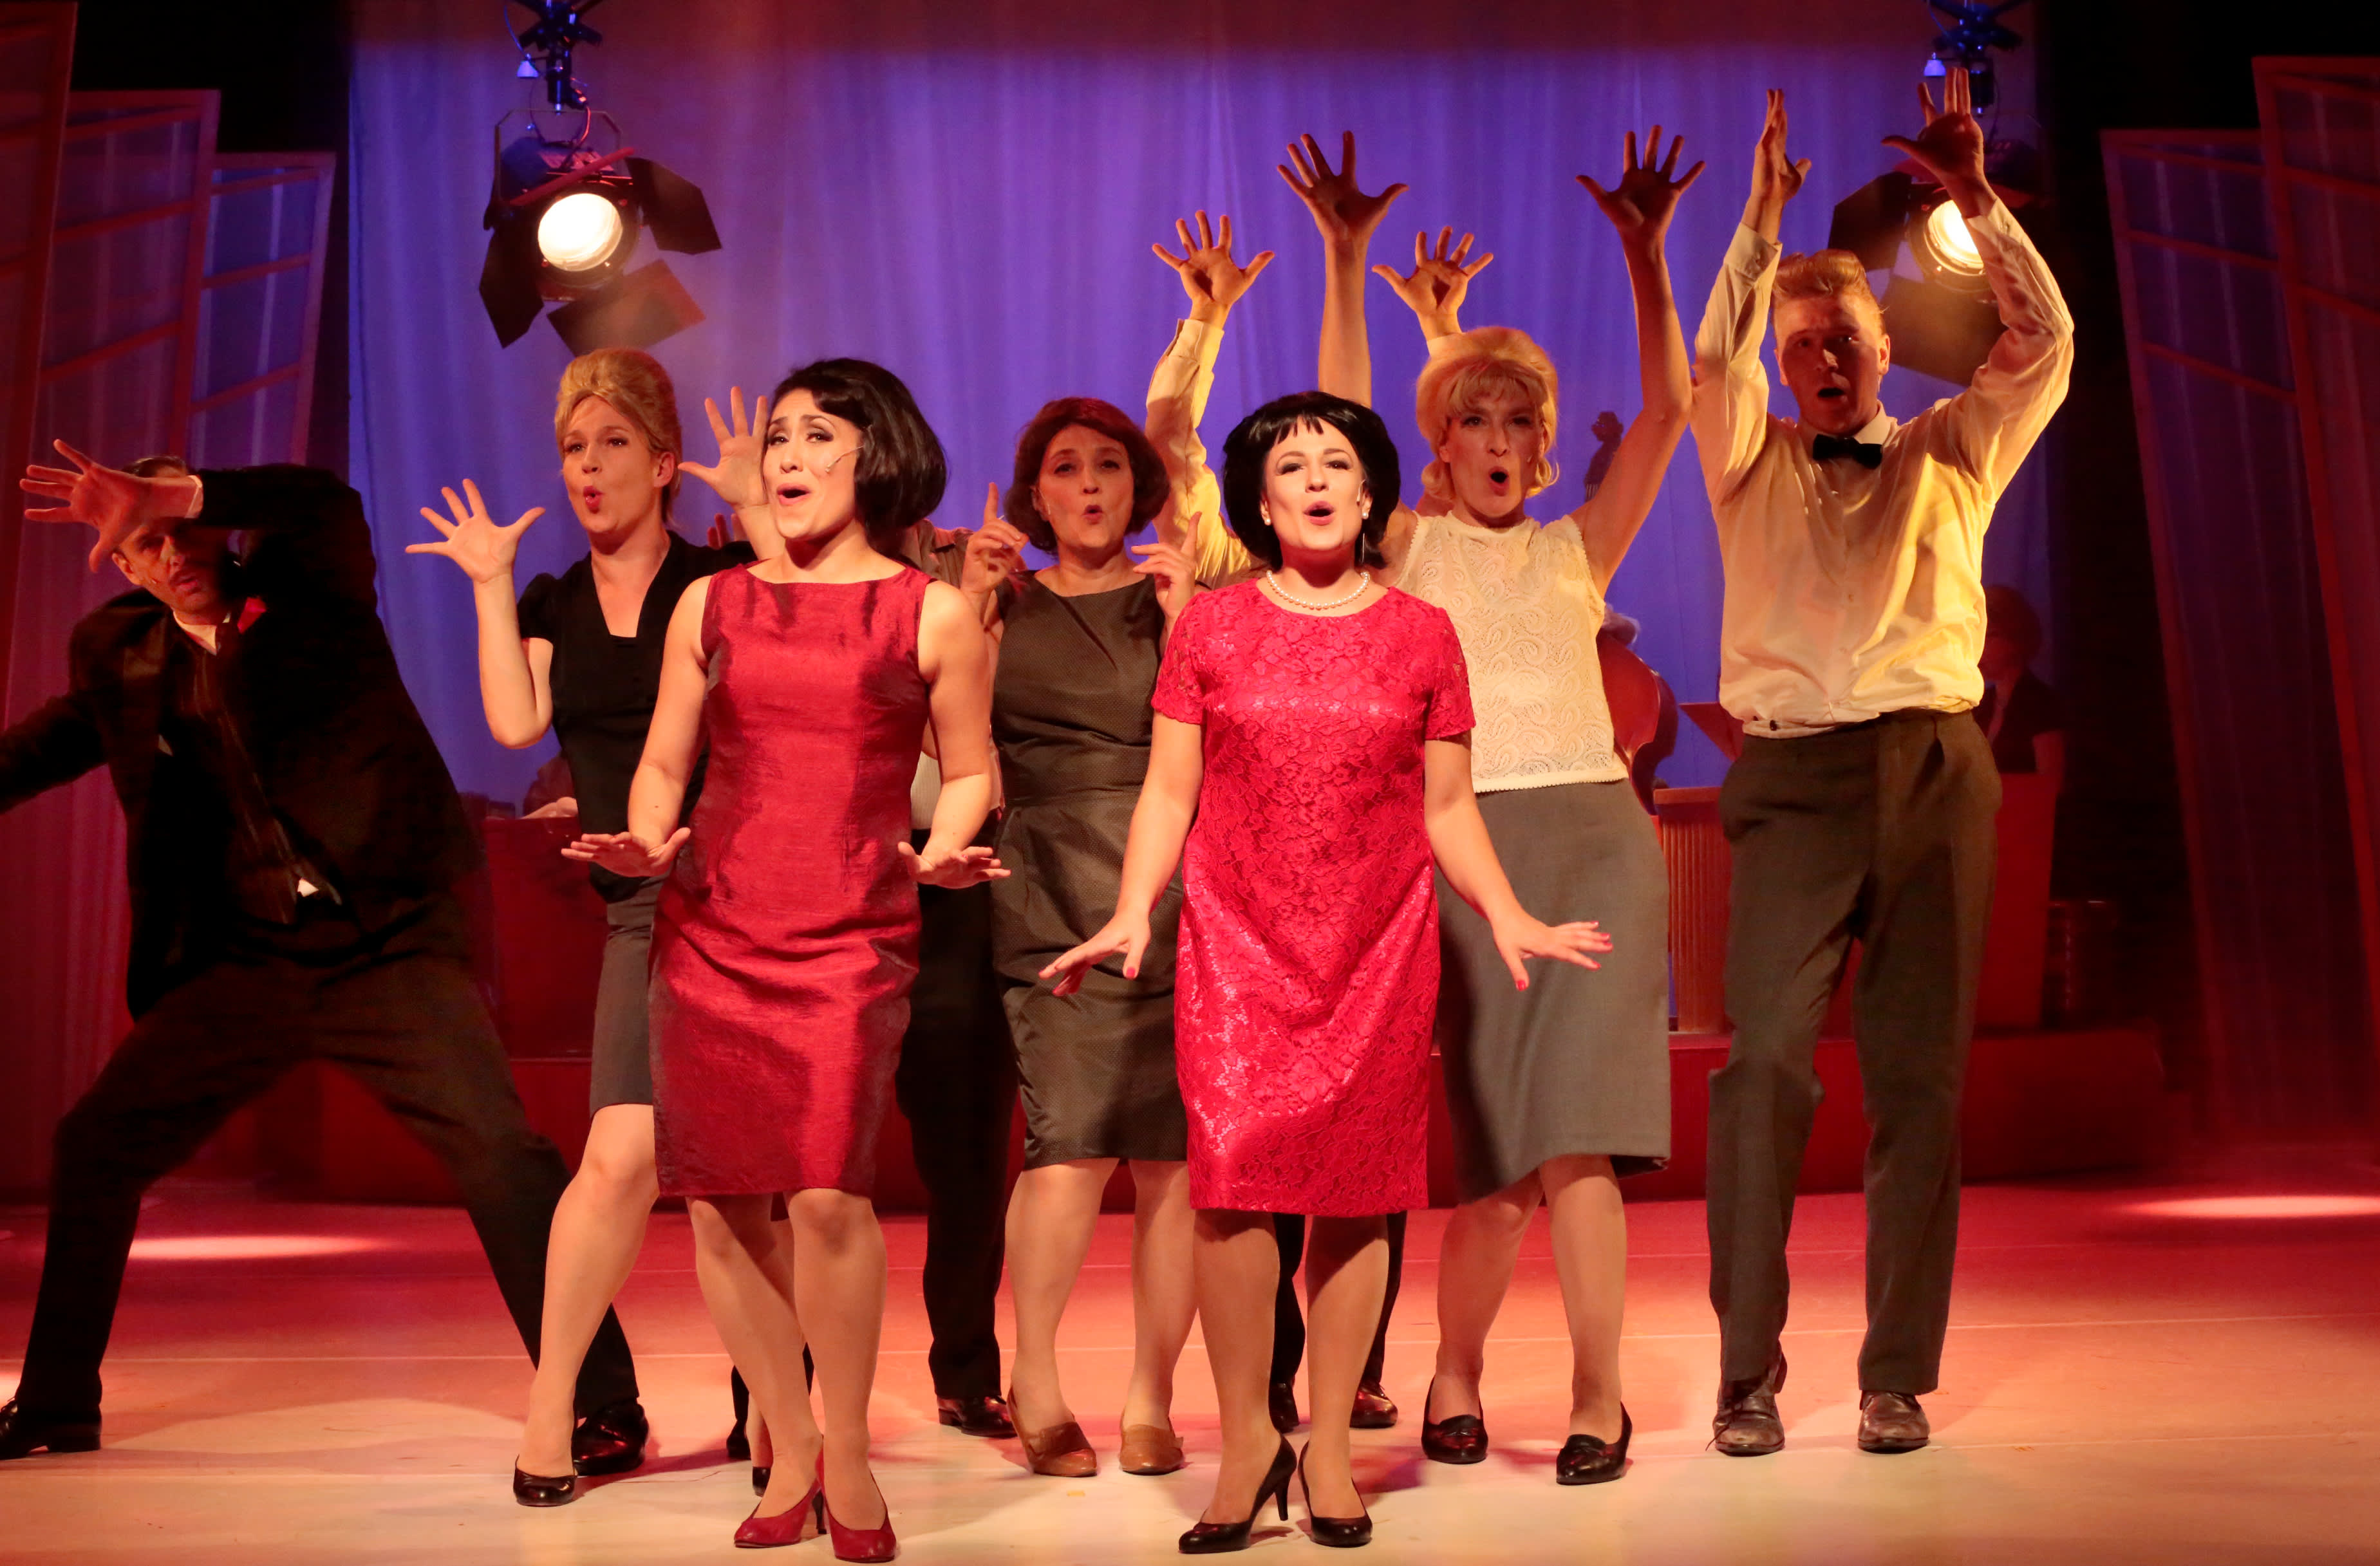 Laila-näytelmän näyteleiljöitä lavalla.